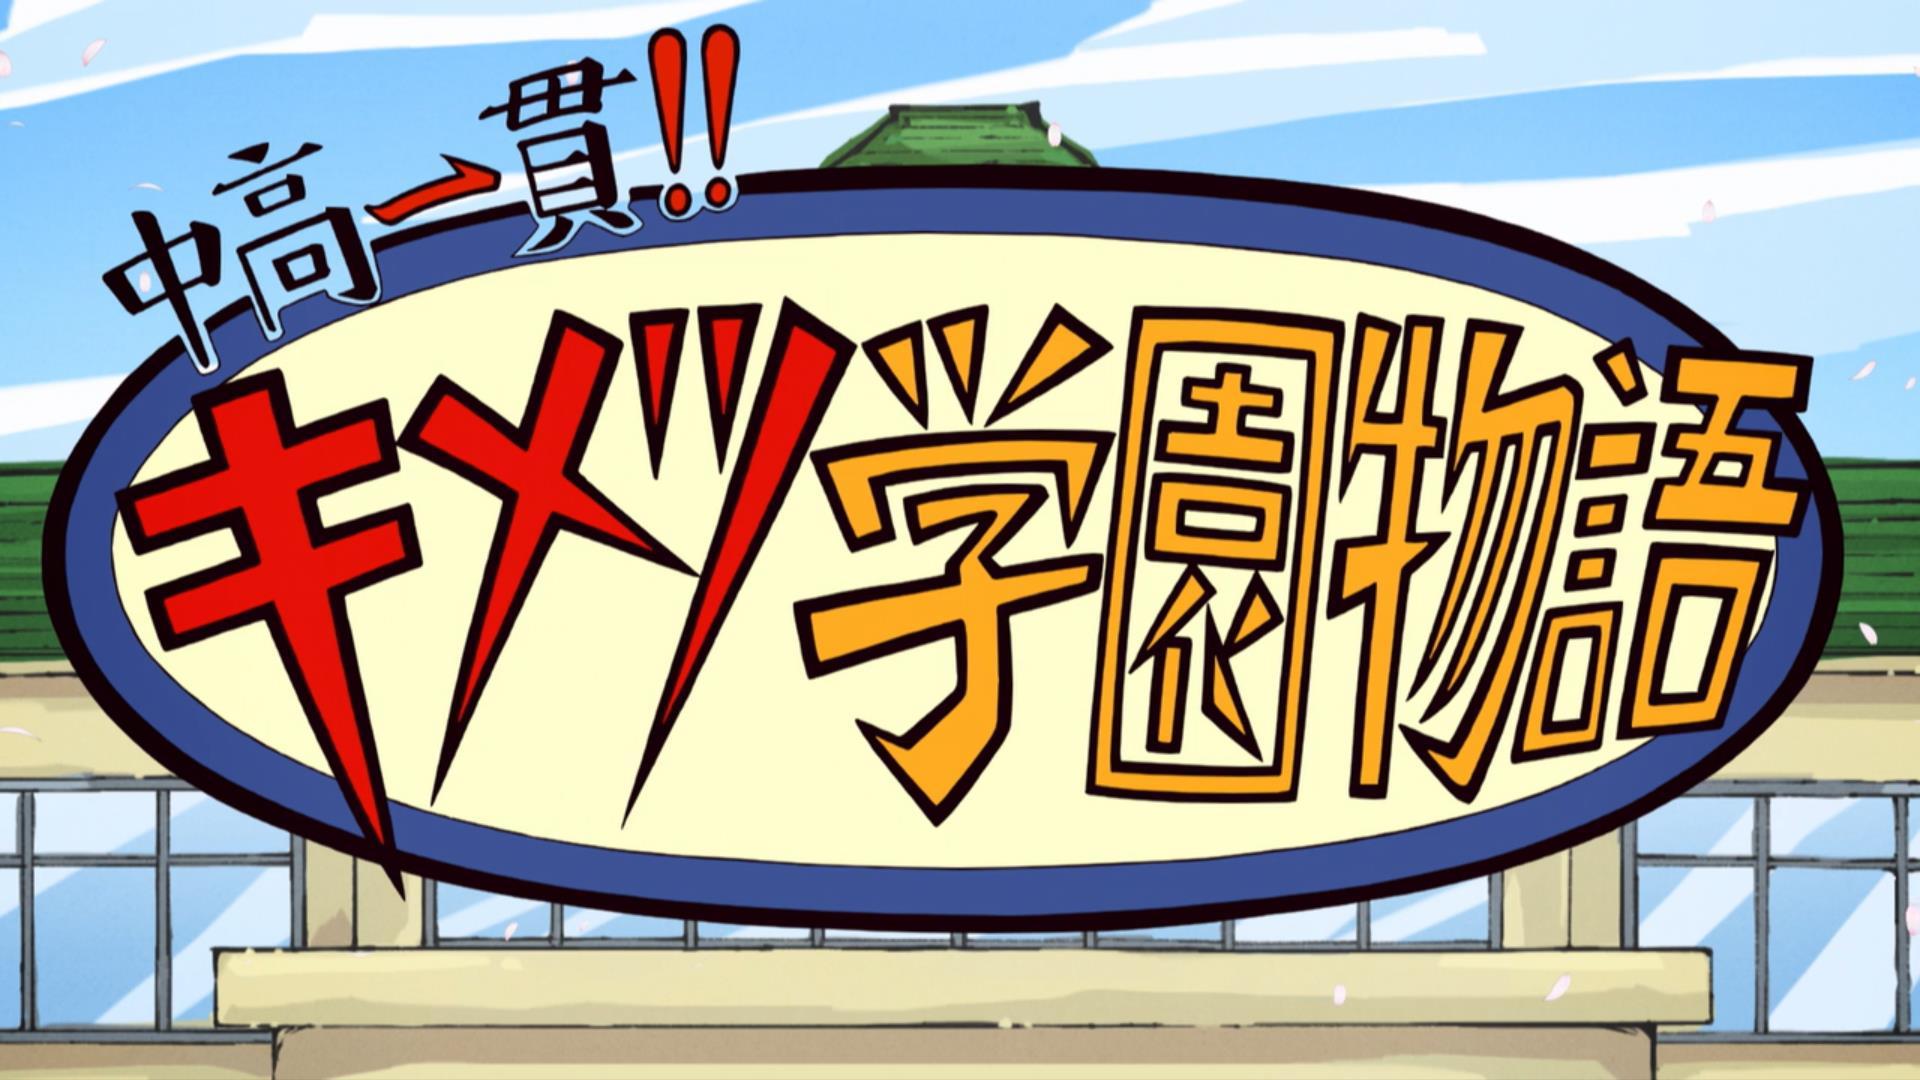 アニメ「中高一貫!!キメツ学園物語」のロゴマーク